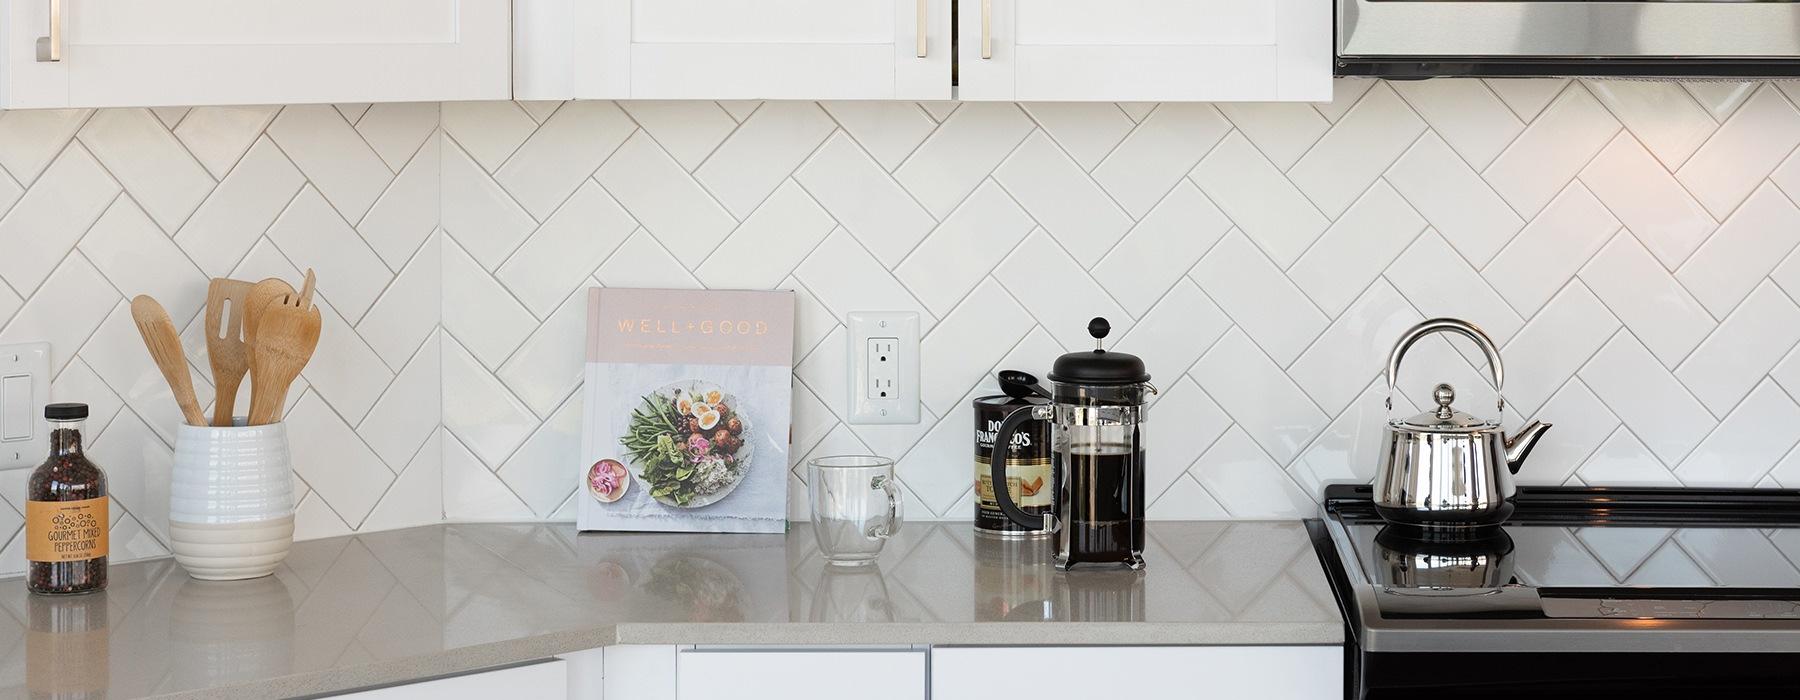 Spacious well lit kitchen with chevron style white backsplash.